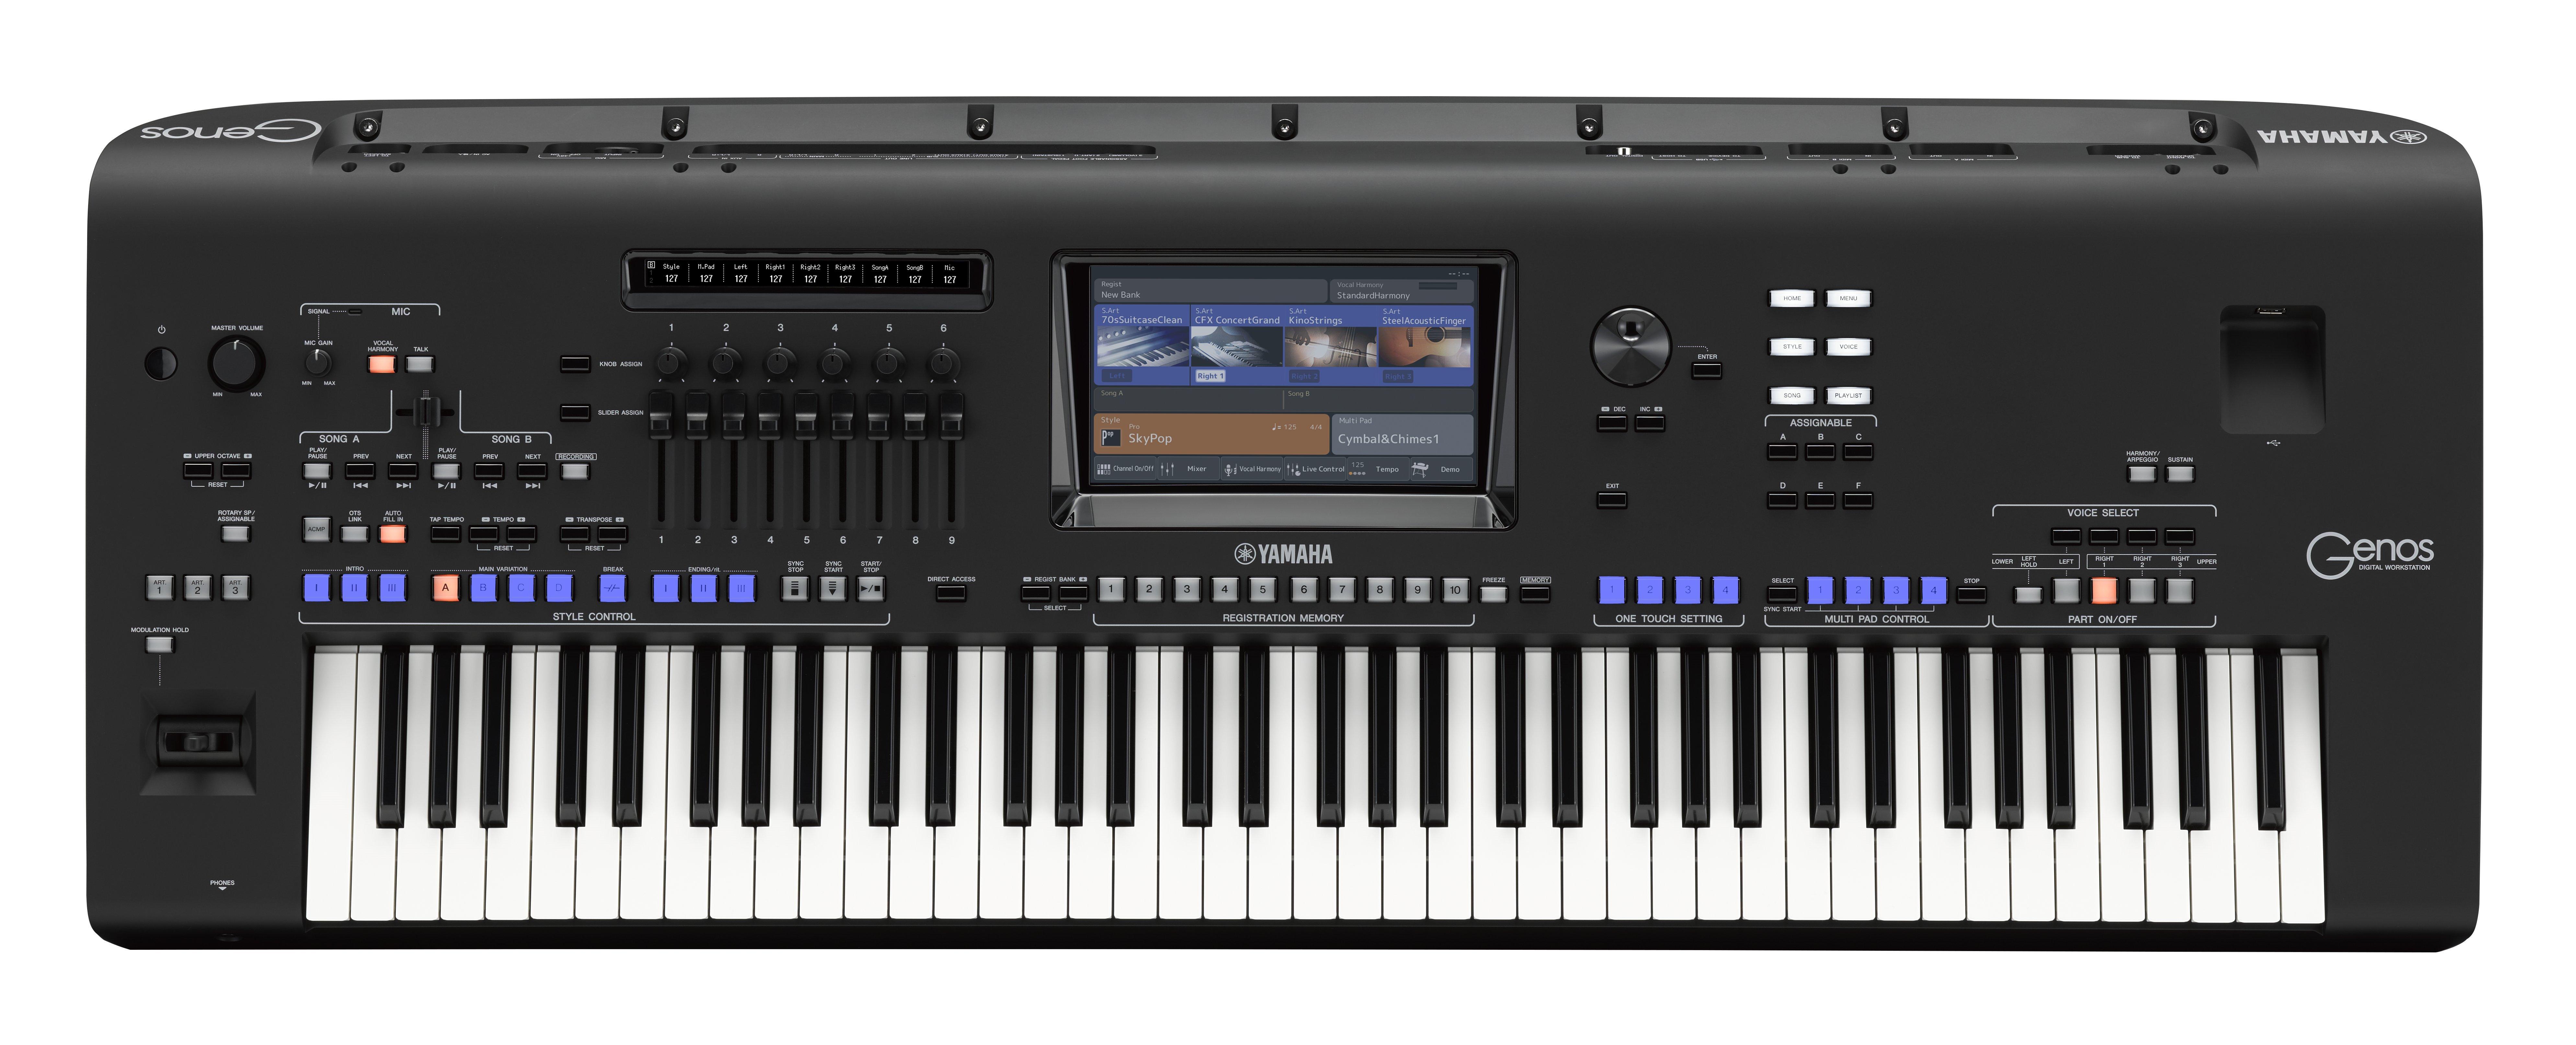 Genos - Specs - Digital and Arranger Workstations - Keyboard